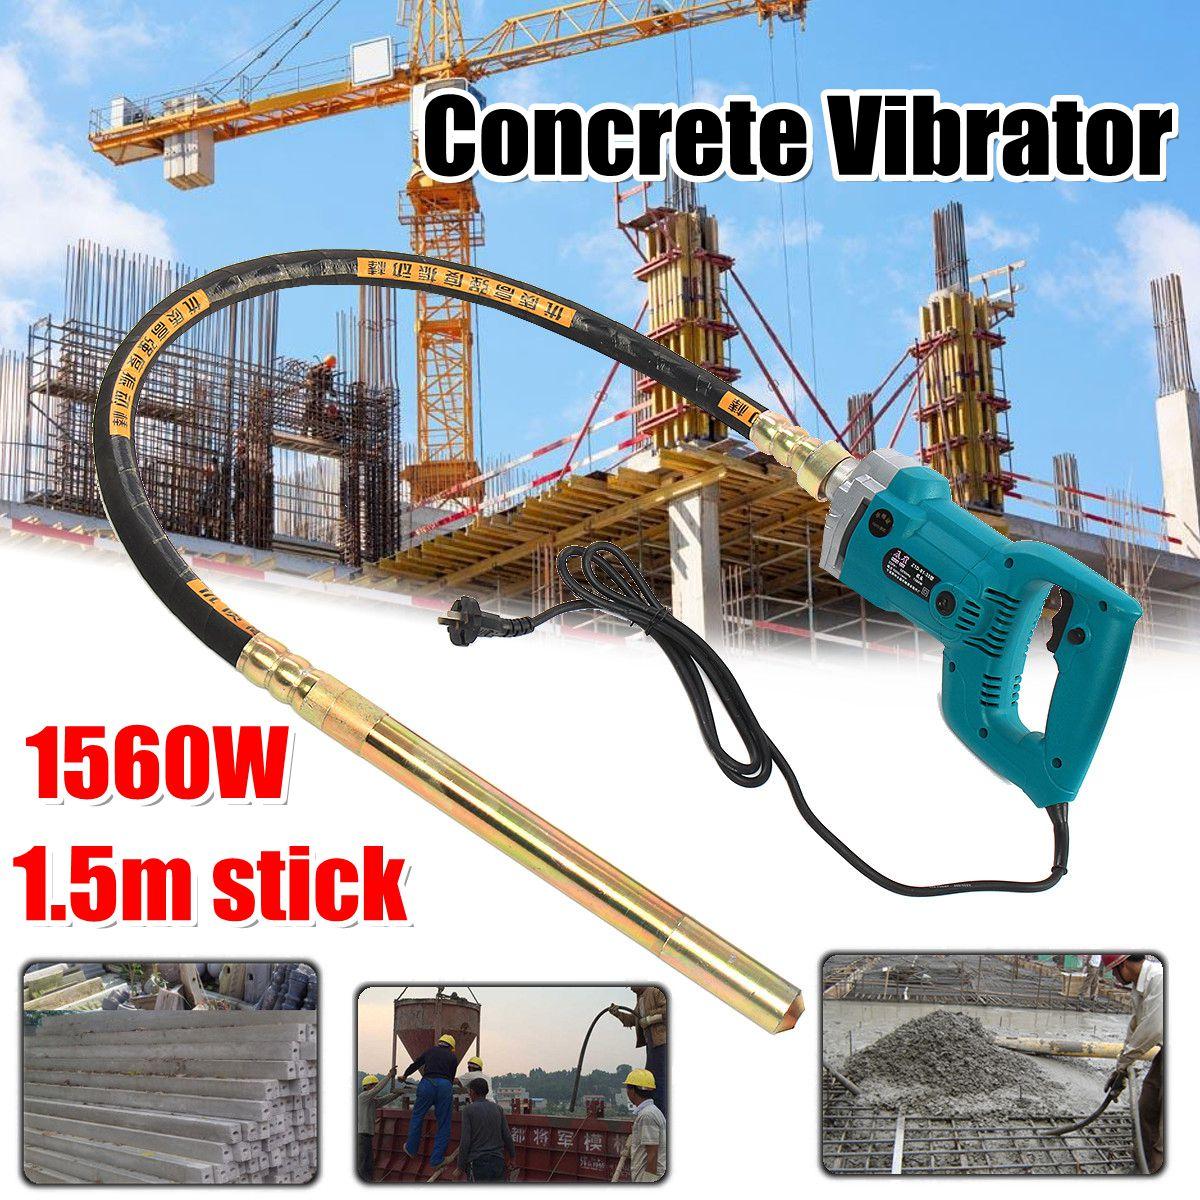 800W/1200W/1560W Concrete Vibrators Electric Cement Soil Mixer with Stick 3/4 HP- Heavy Duty Remove Air Bubbles & Level 5000 VPM дырокол deli heavy duty e0130